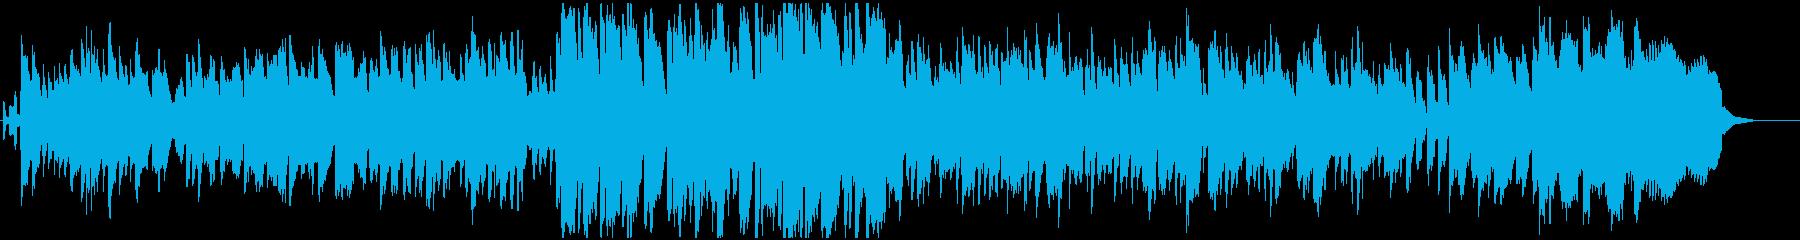 のんびりした落ち着いたBGMの再生済みの波形